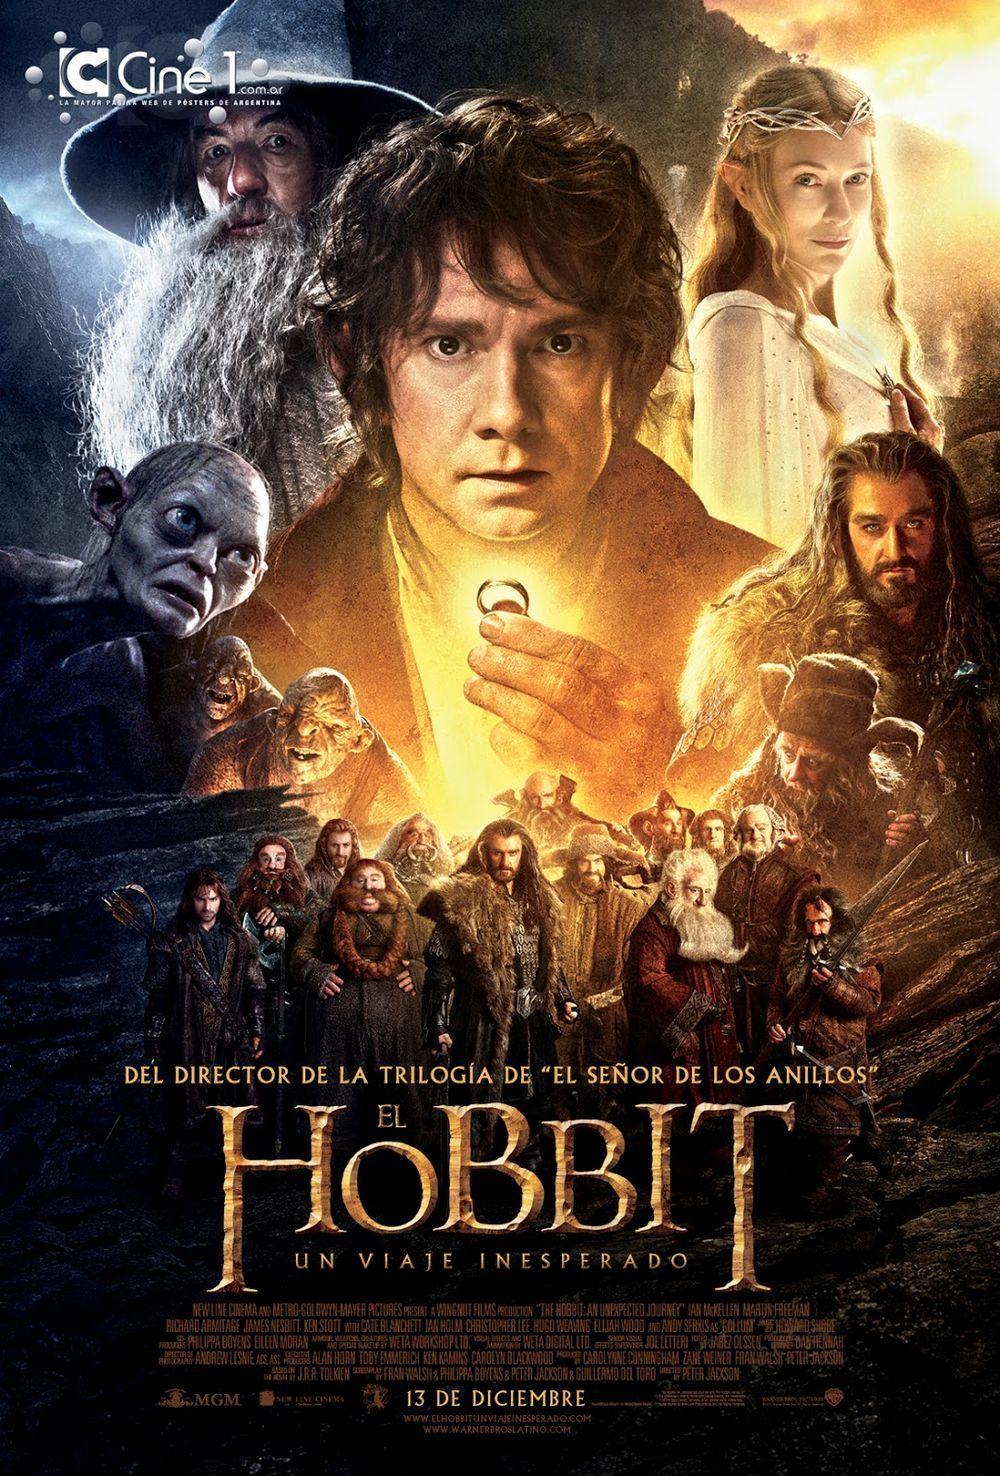 El Hobbit Un Viaje Inesperado Hobbit Peliculas Cine Portadas De Películas